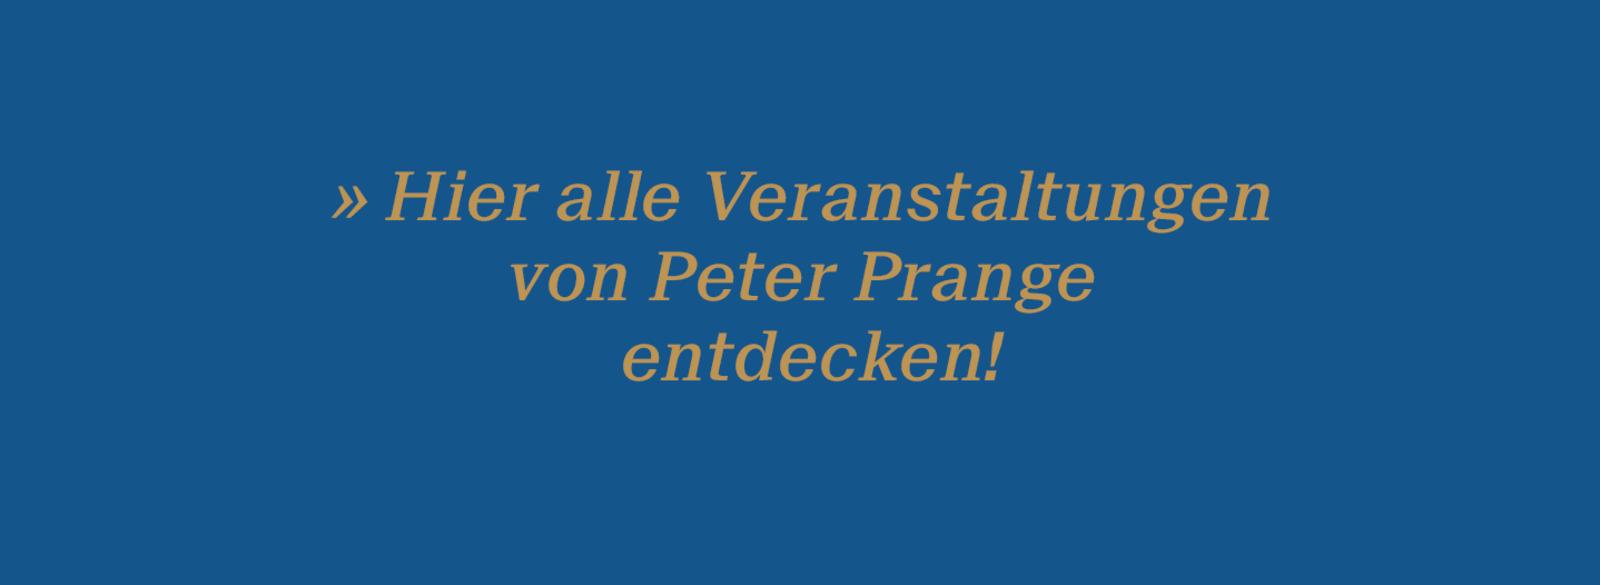 Veranstaltungen Prange Banner